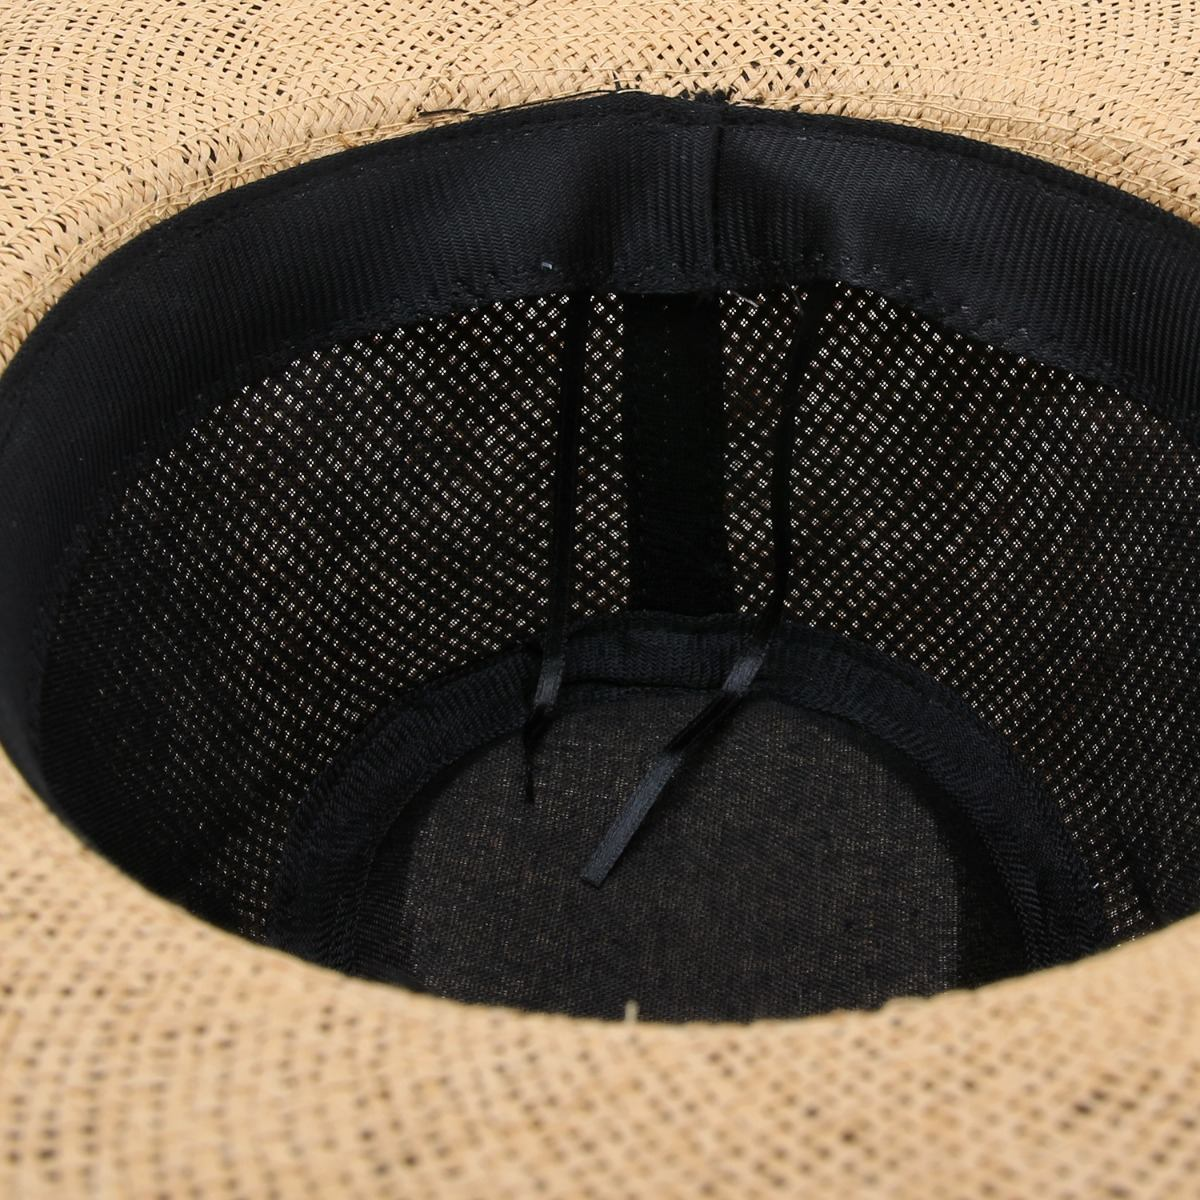 Sombrero Mujer Estilo Panama Varios Colores Sol Verano Playa -   565 ... ff5c8a08d012